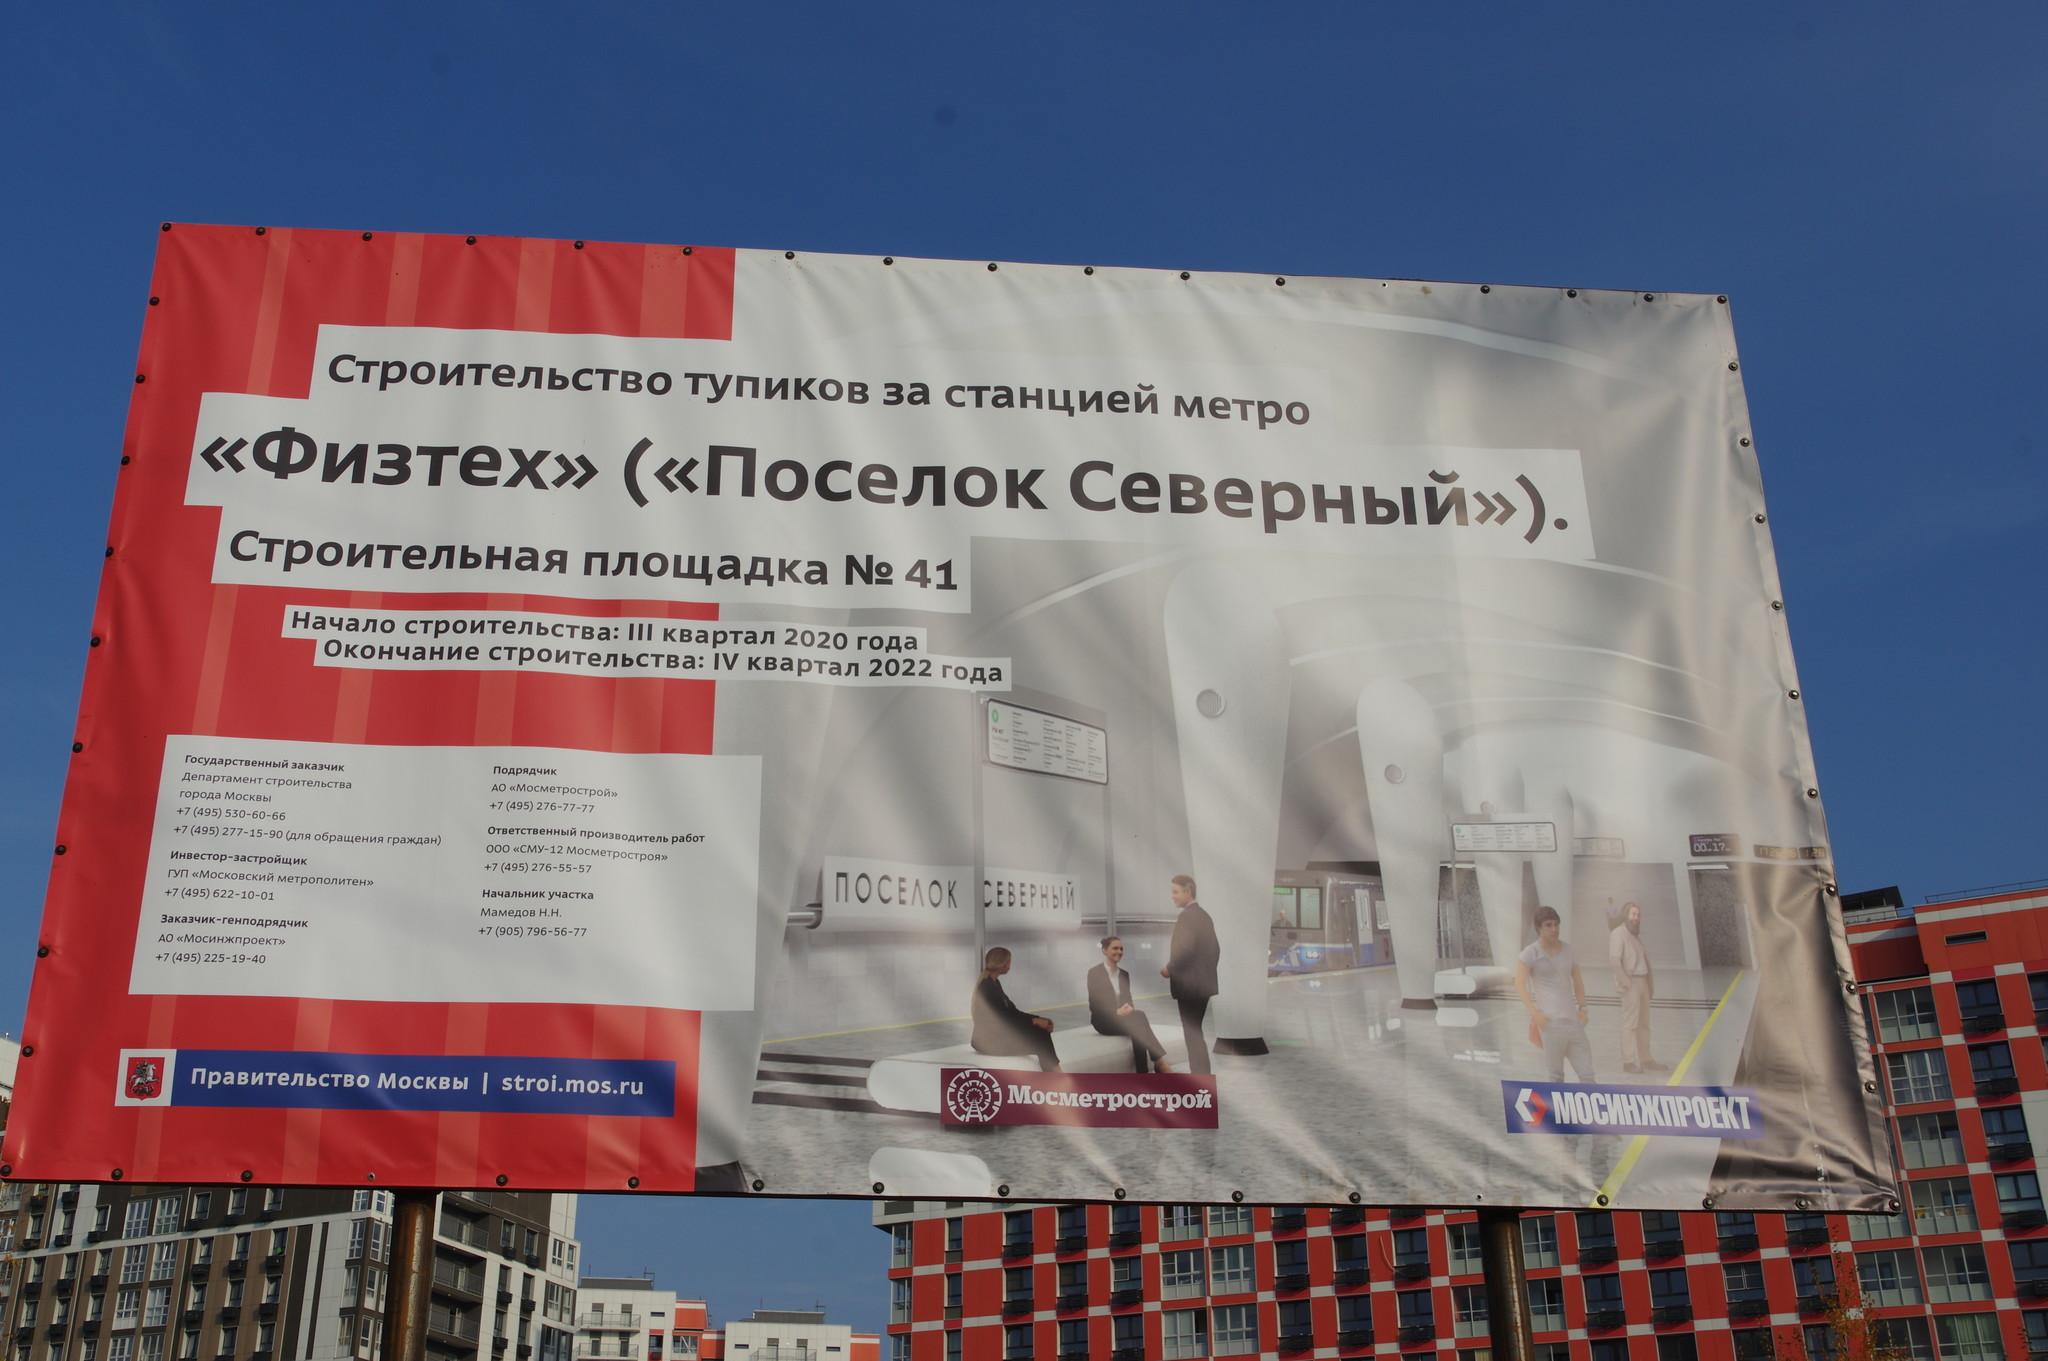 Строительство тупиков за станцией метрополитена «Физтех» («Посёлок Северный»)